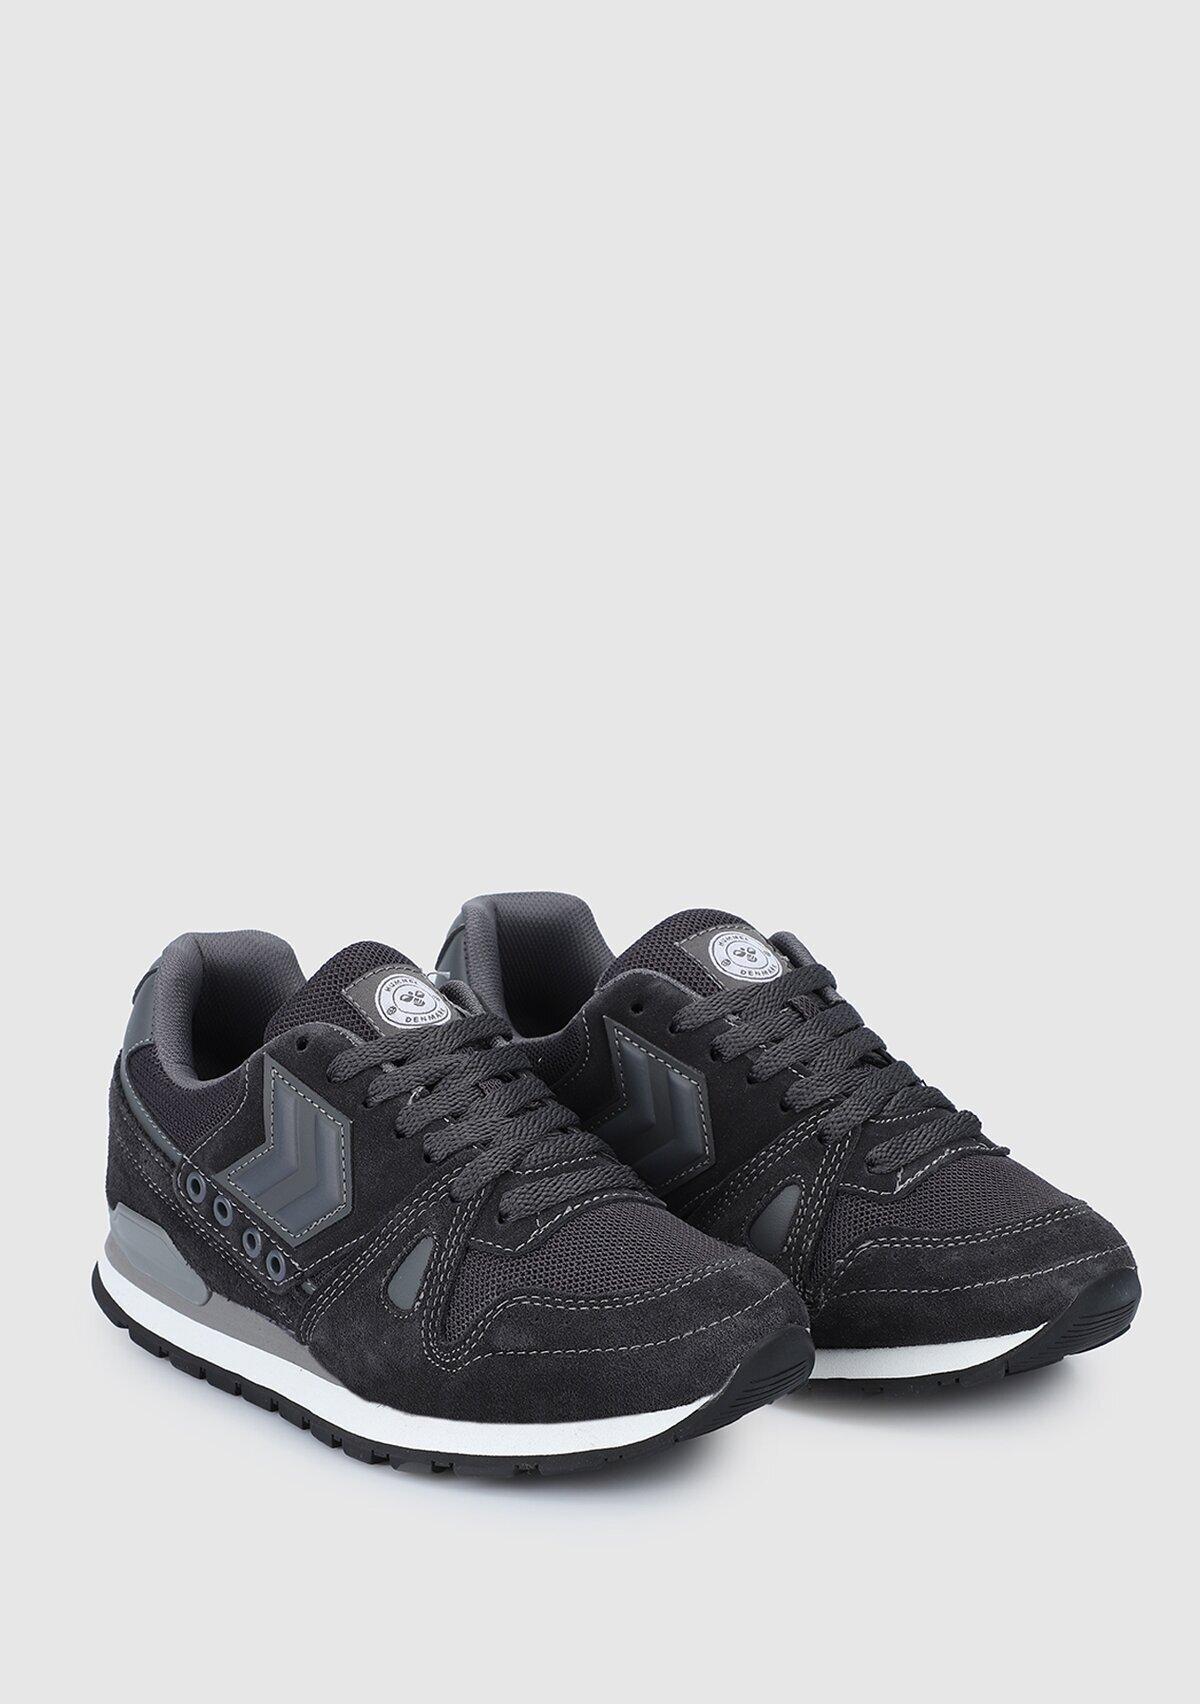 resm Hml Marathona Gri Unisex Sneaker 212544-2600